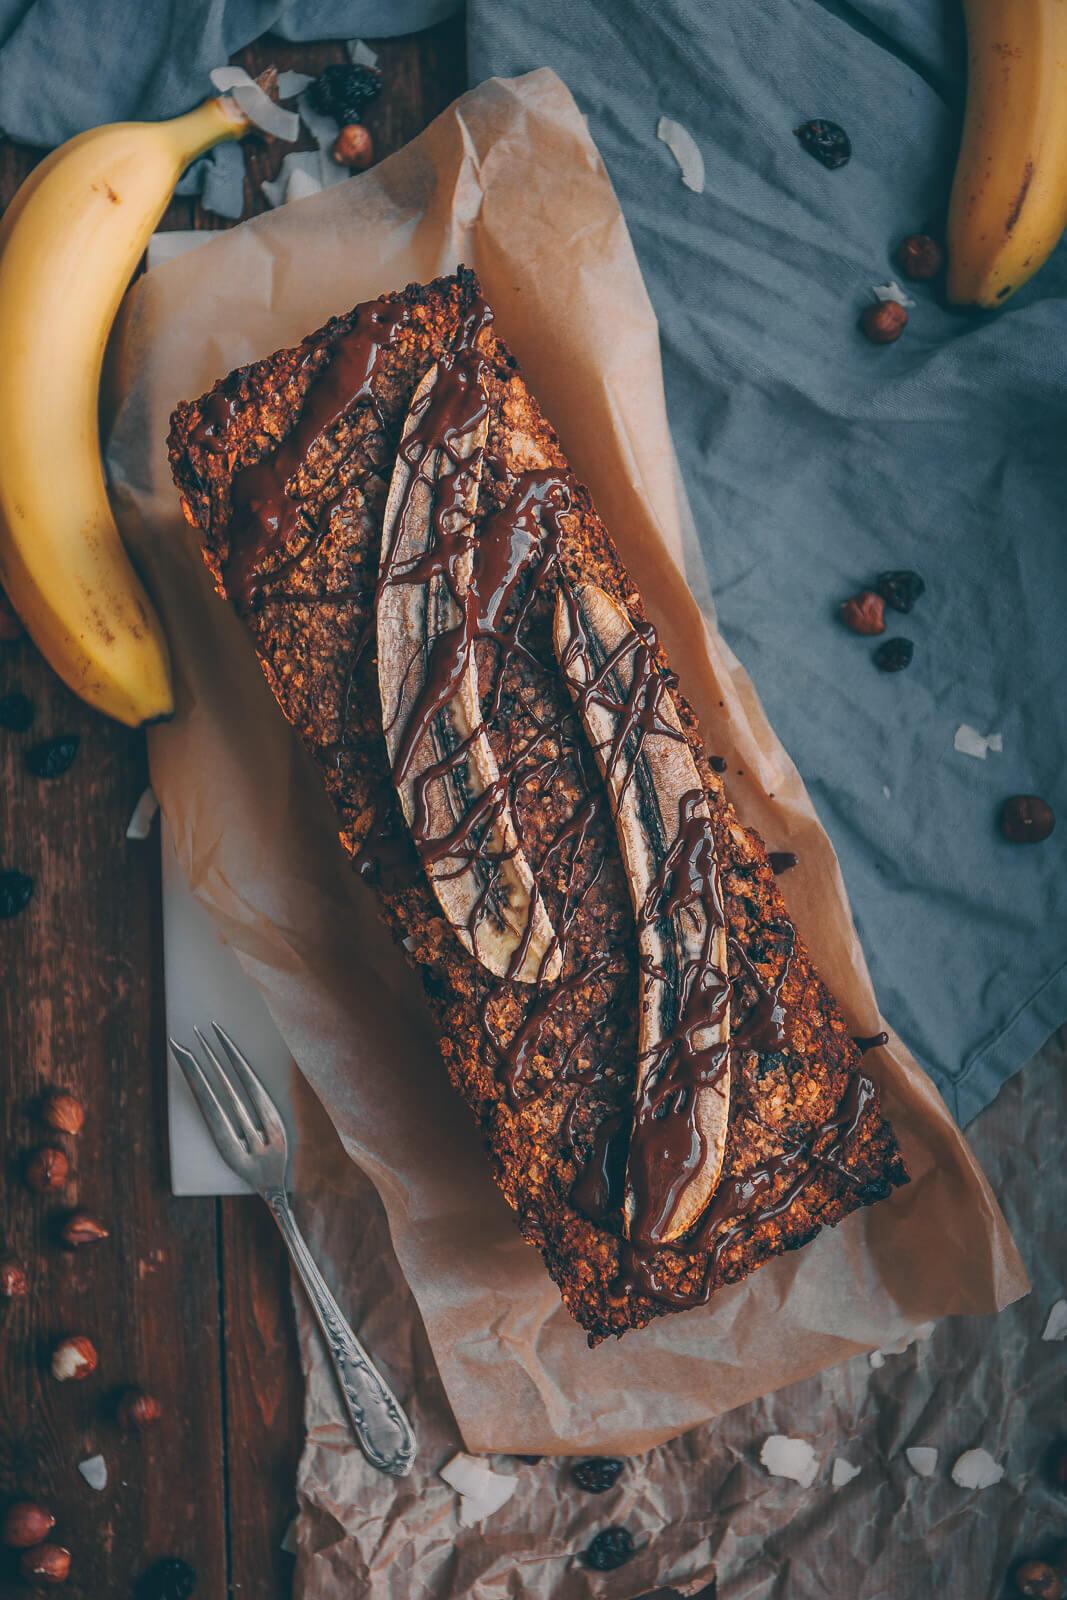 Bananenbrot, Bananenbrot, Lebensmittelverschwendung, Bananen retten Rezept, viele Bananen aufbrauchen, Rezept Bananenbrot vegan, veganes Bananenbrot, Bananenbrot Rezept viele Bananen, Bananen Kokos Cranberrys Rezept, Rezept Bananenkuchen, Bananenkuchen vegan